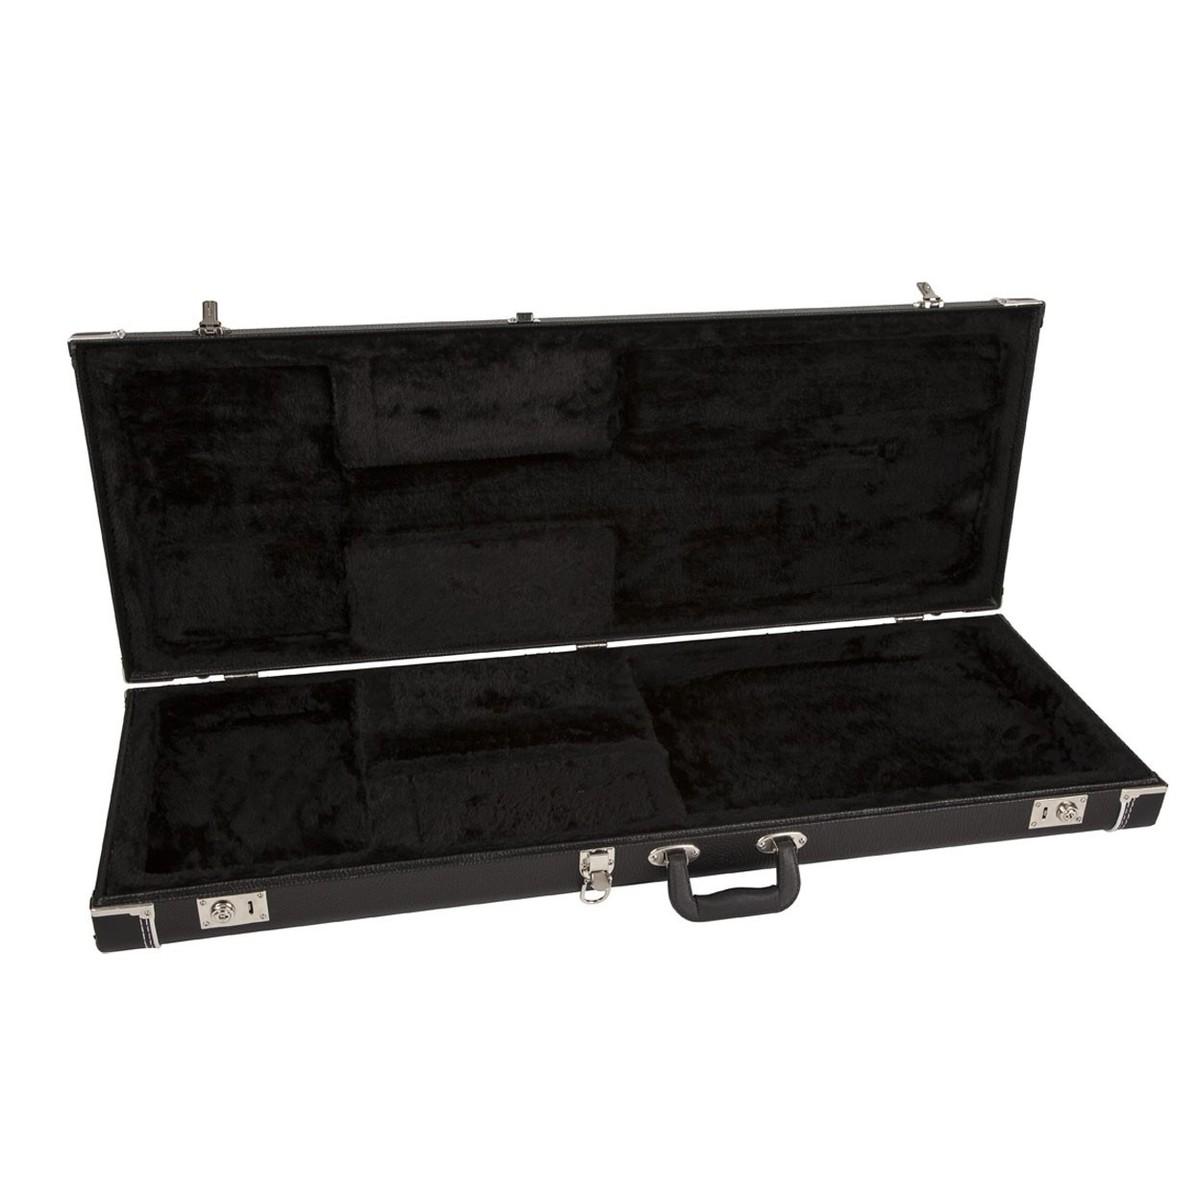 fender pro series stratocaster telecaster case black at gear4music. Black Bedroom Furniture Sets. Home Design Ideas